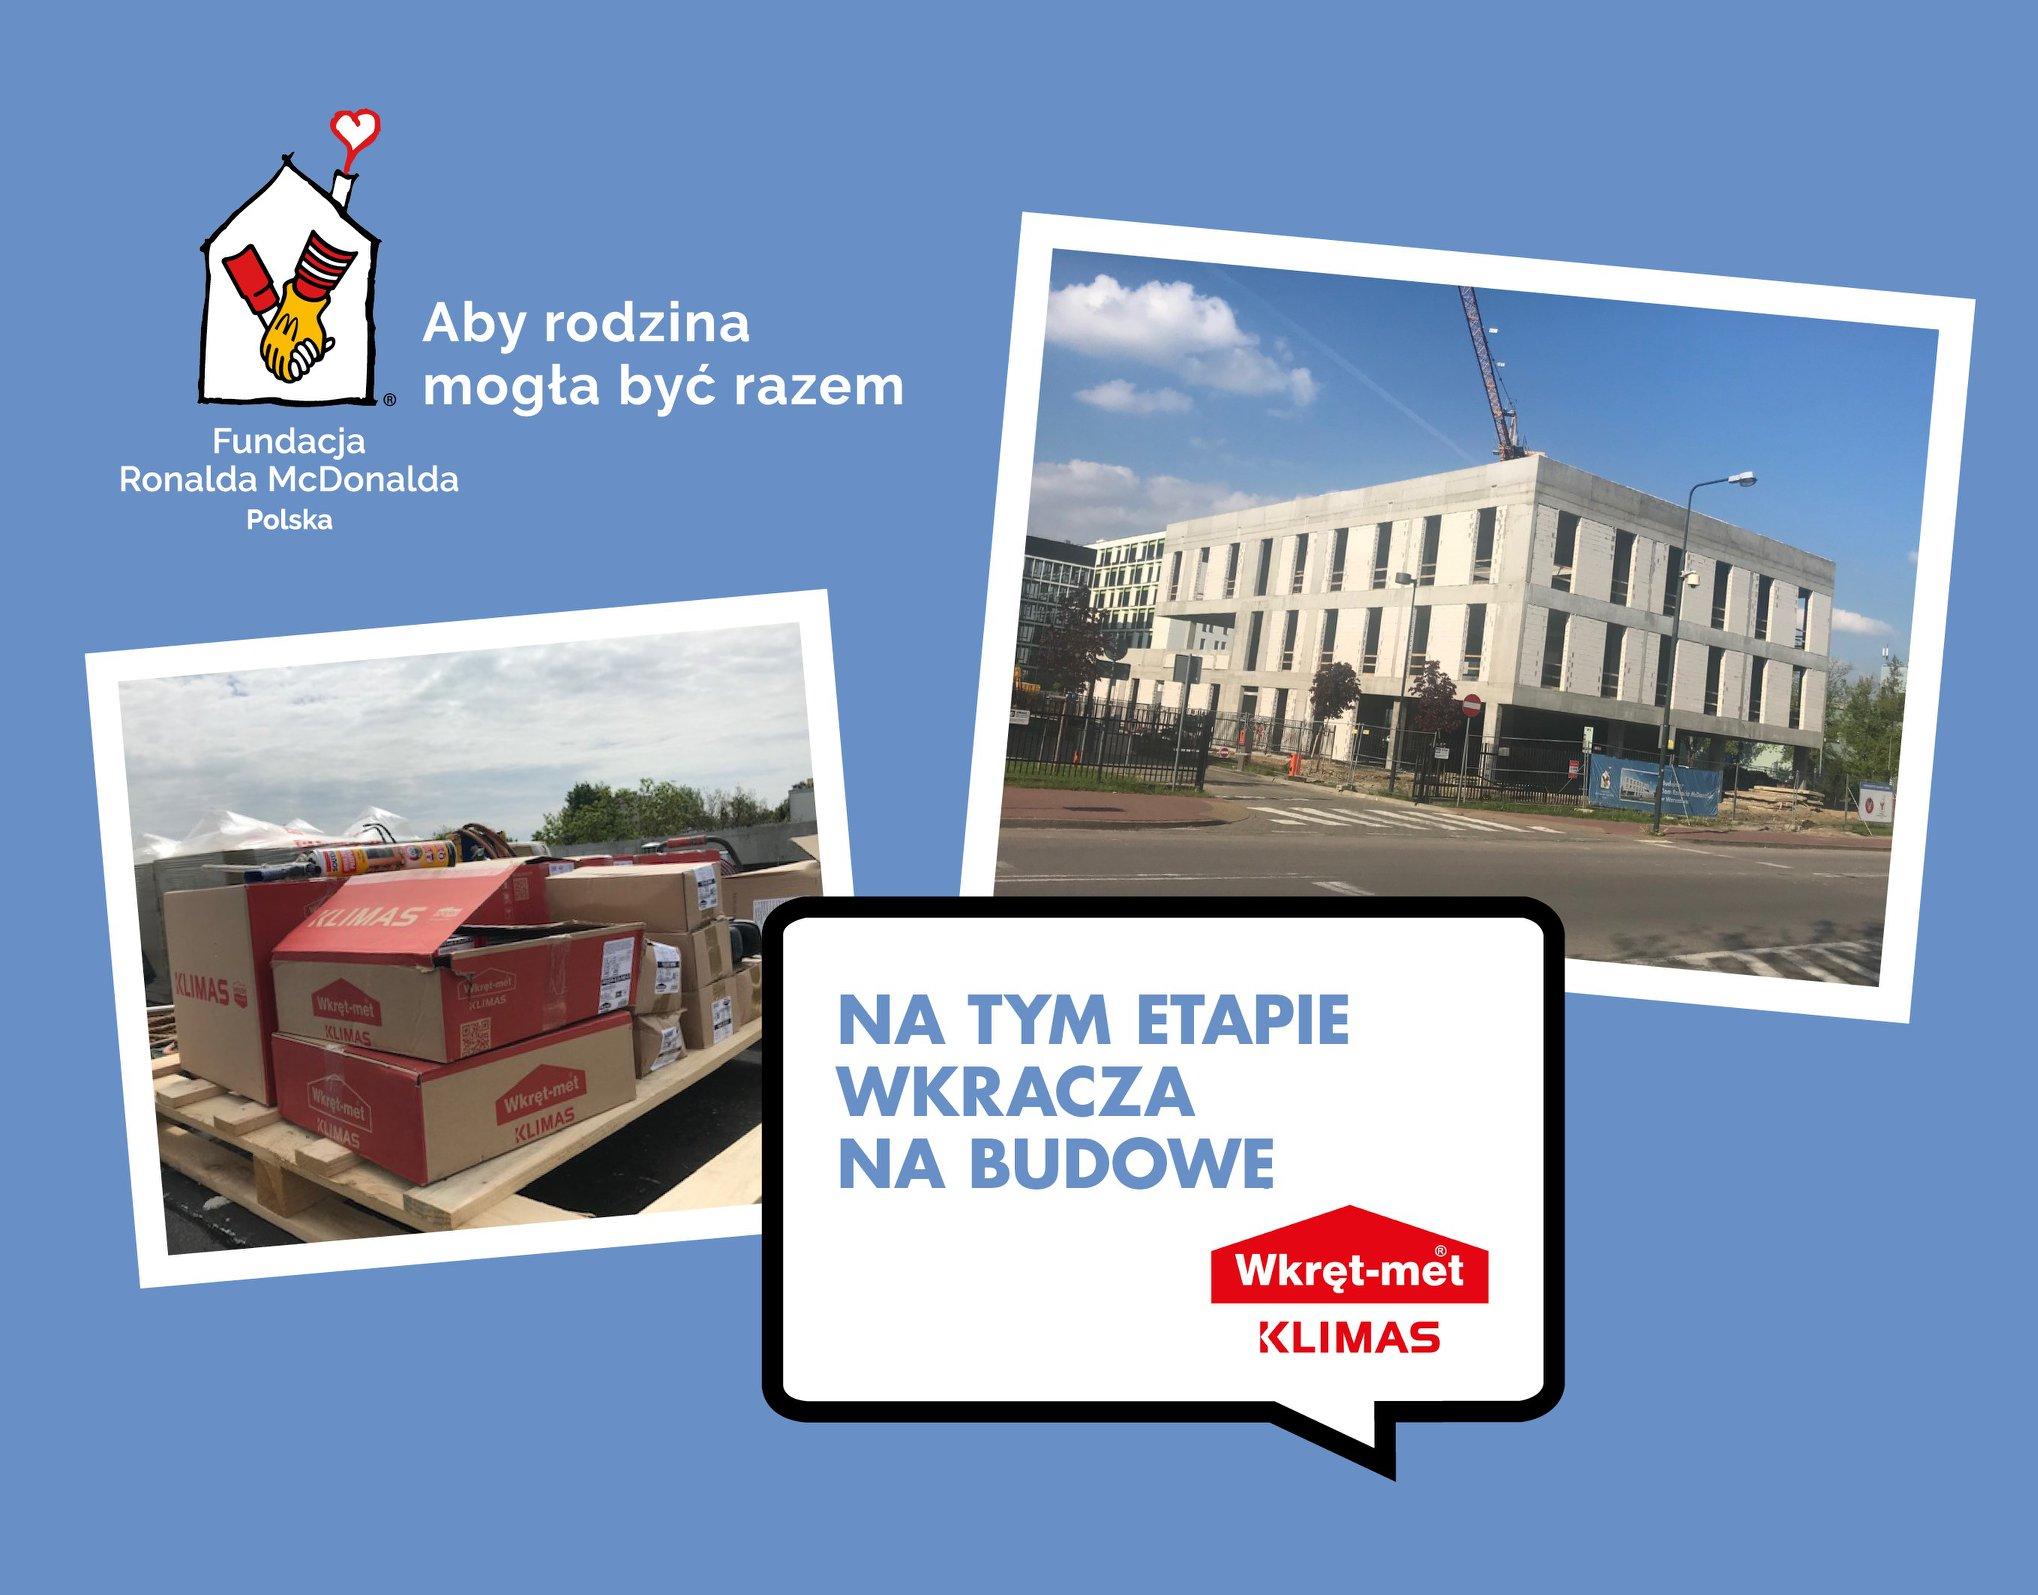 Klimas Wkręt-met pomaga budować Dom Ronalda McDonalda  w Warszawie